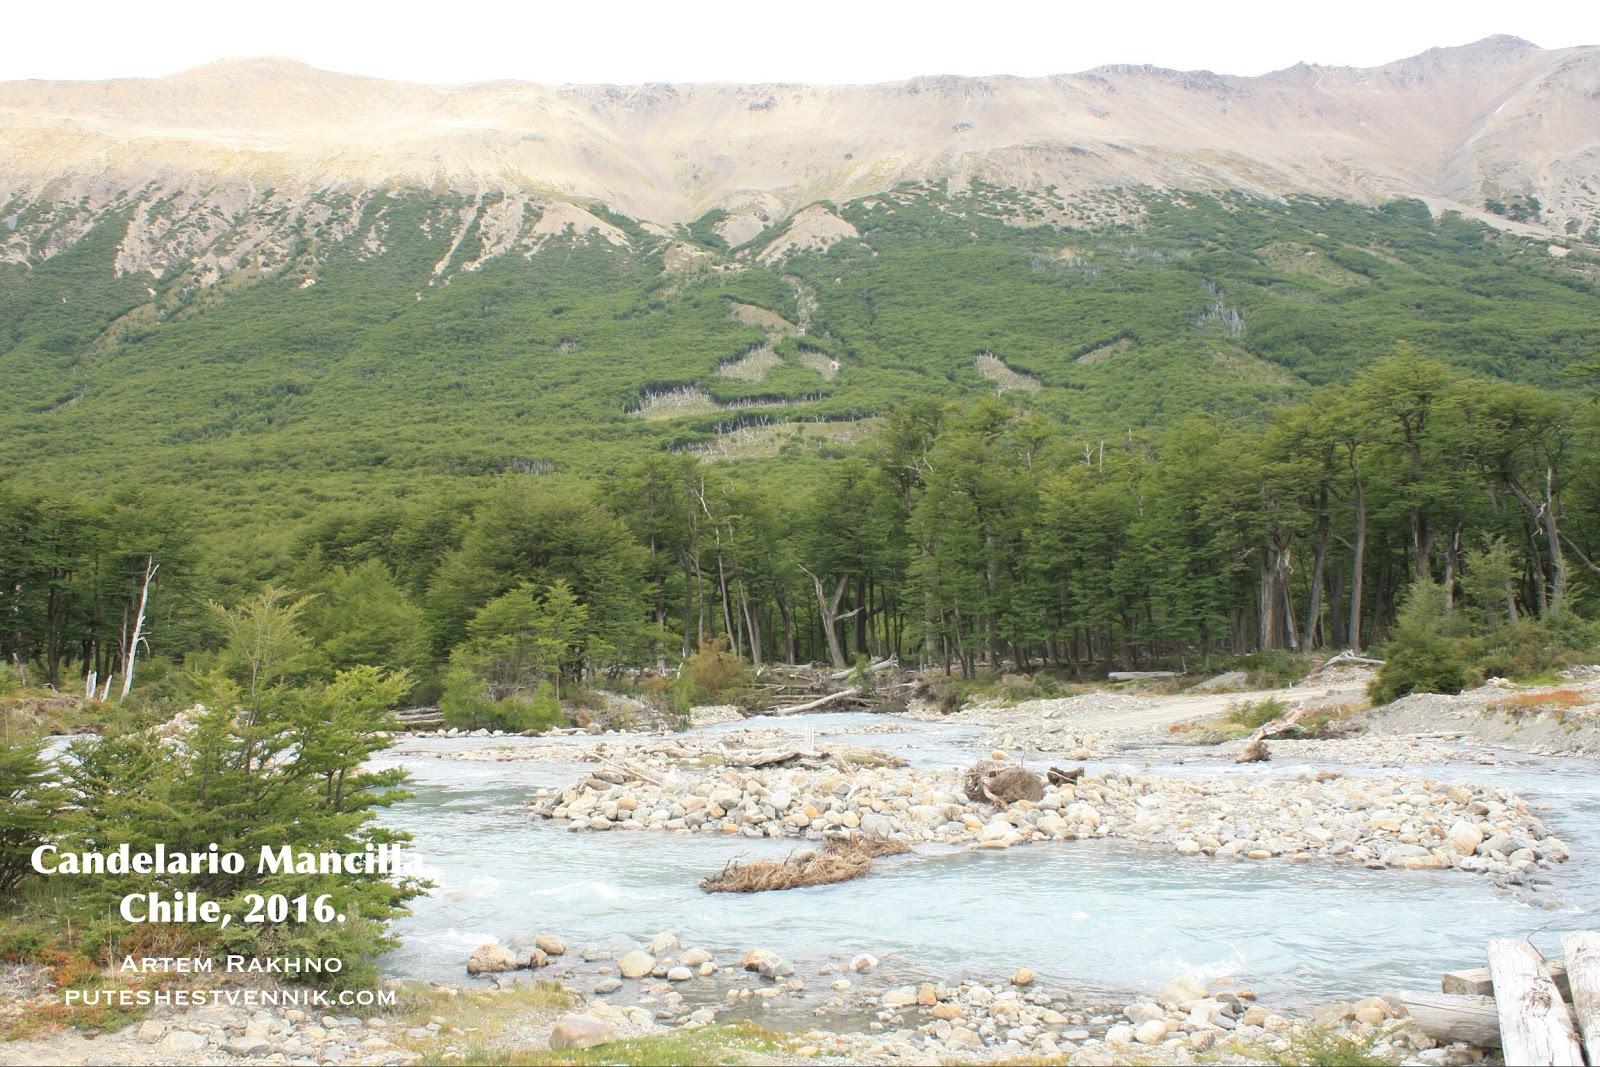 Горная река и лес на границе Чили и Аргентины